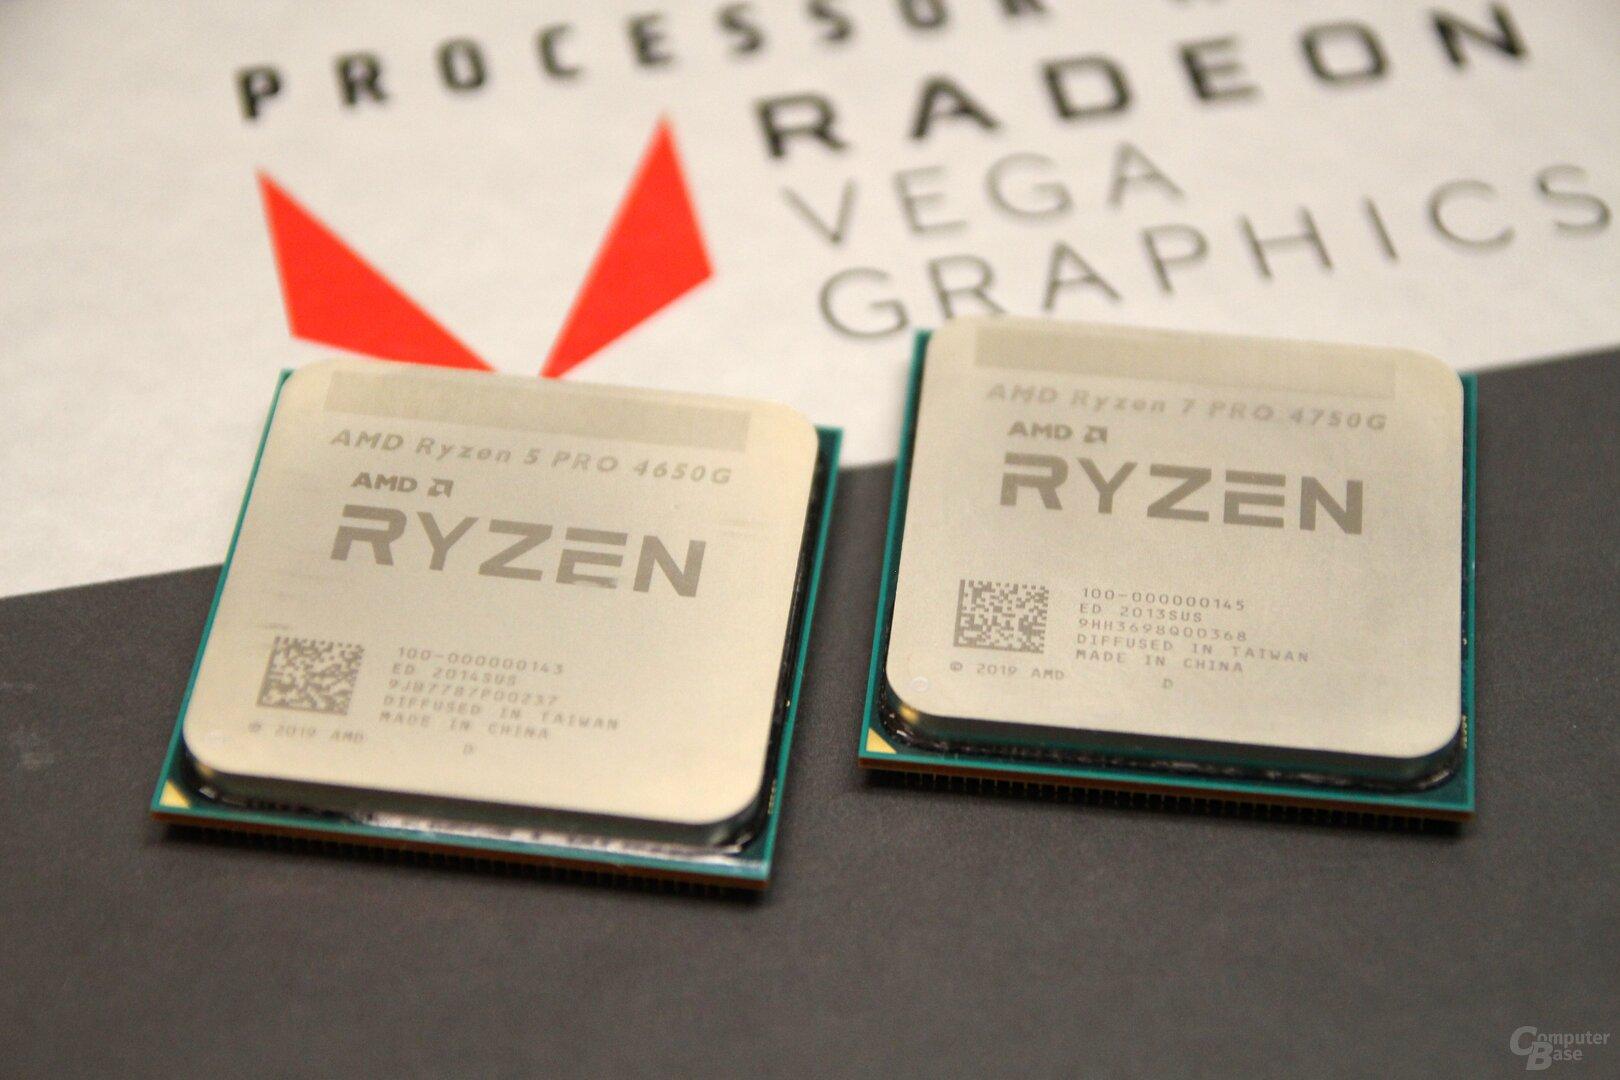 AMD Ryzen 5 Pro 4650G und Ryzen 7 Pro 4750G